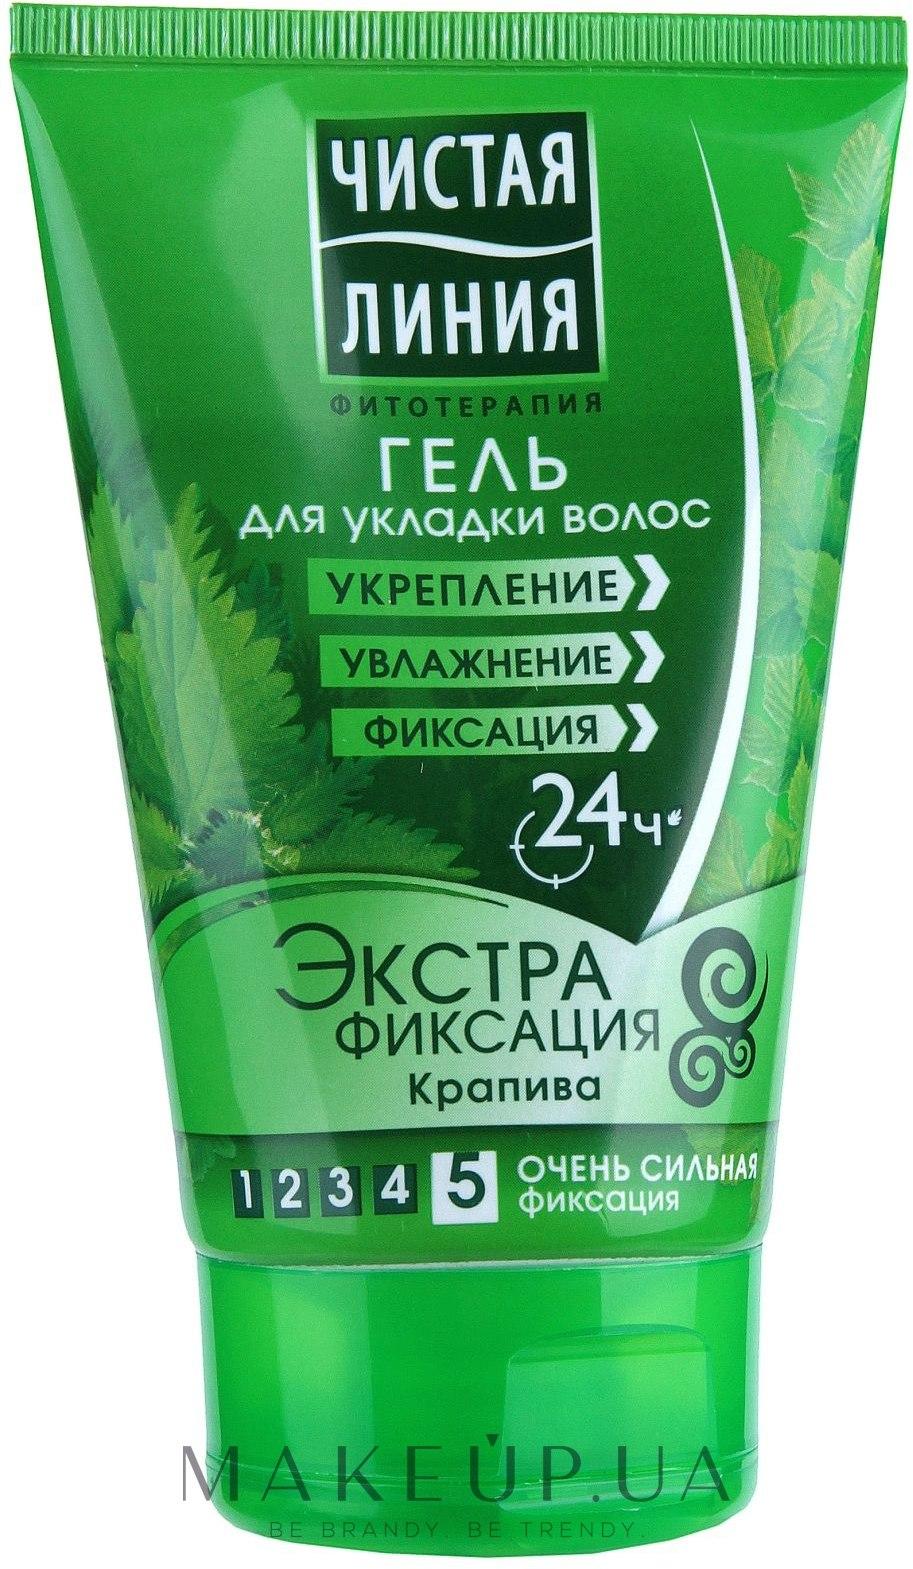 Крем для укладки волос